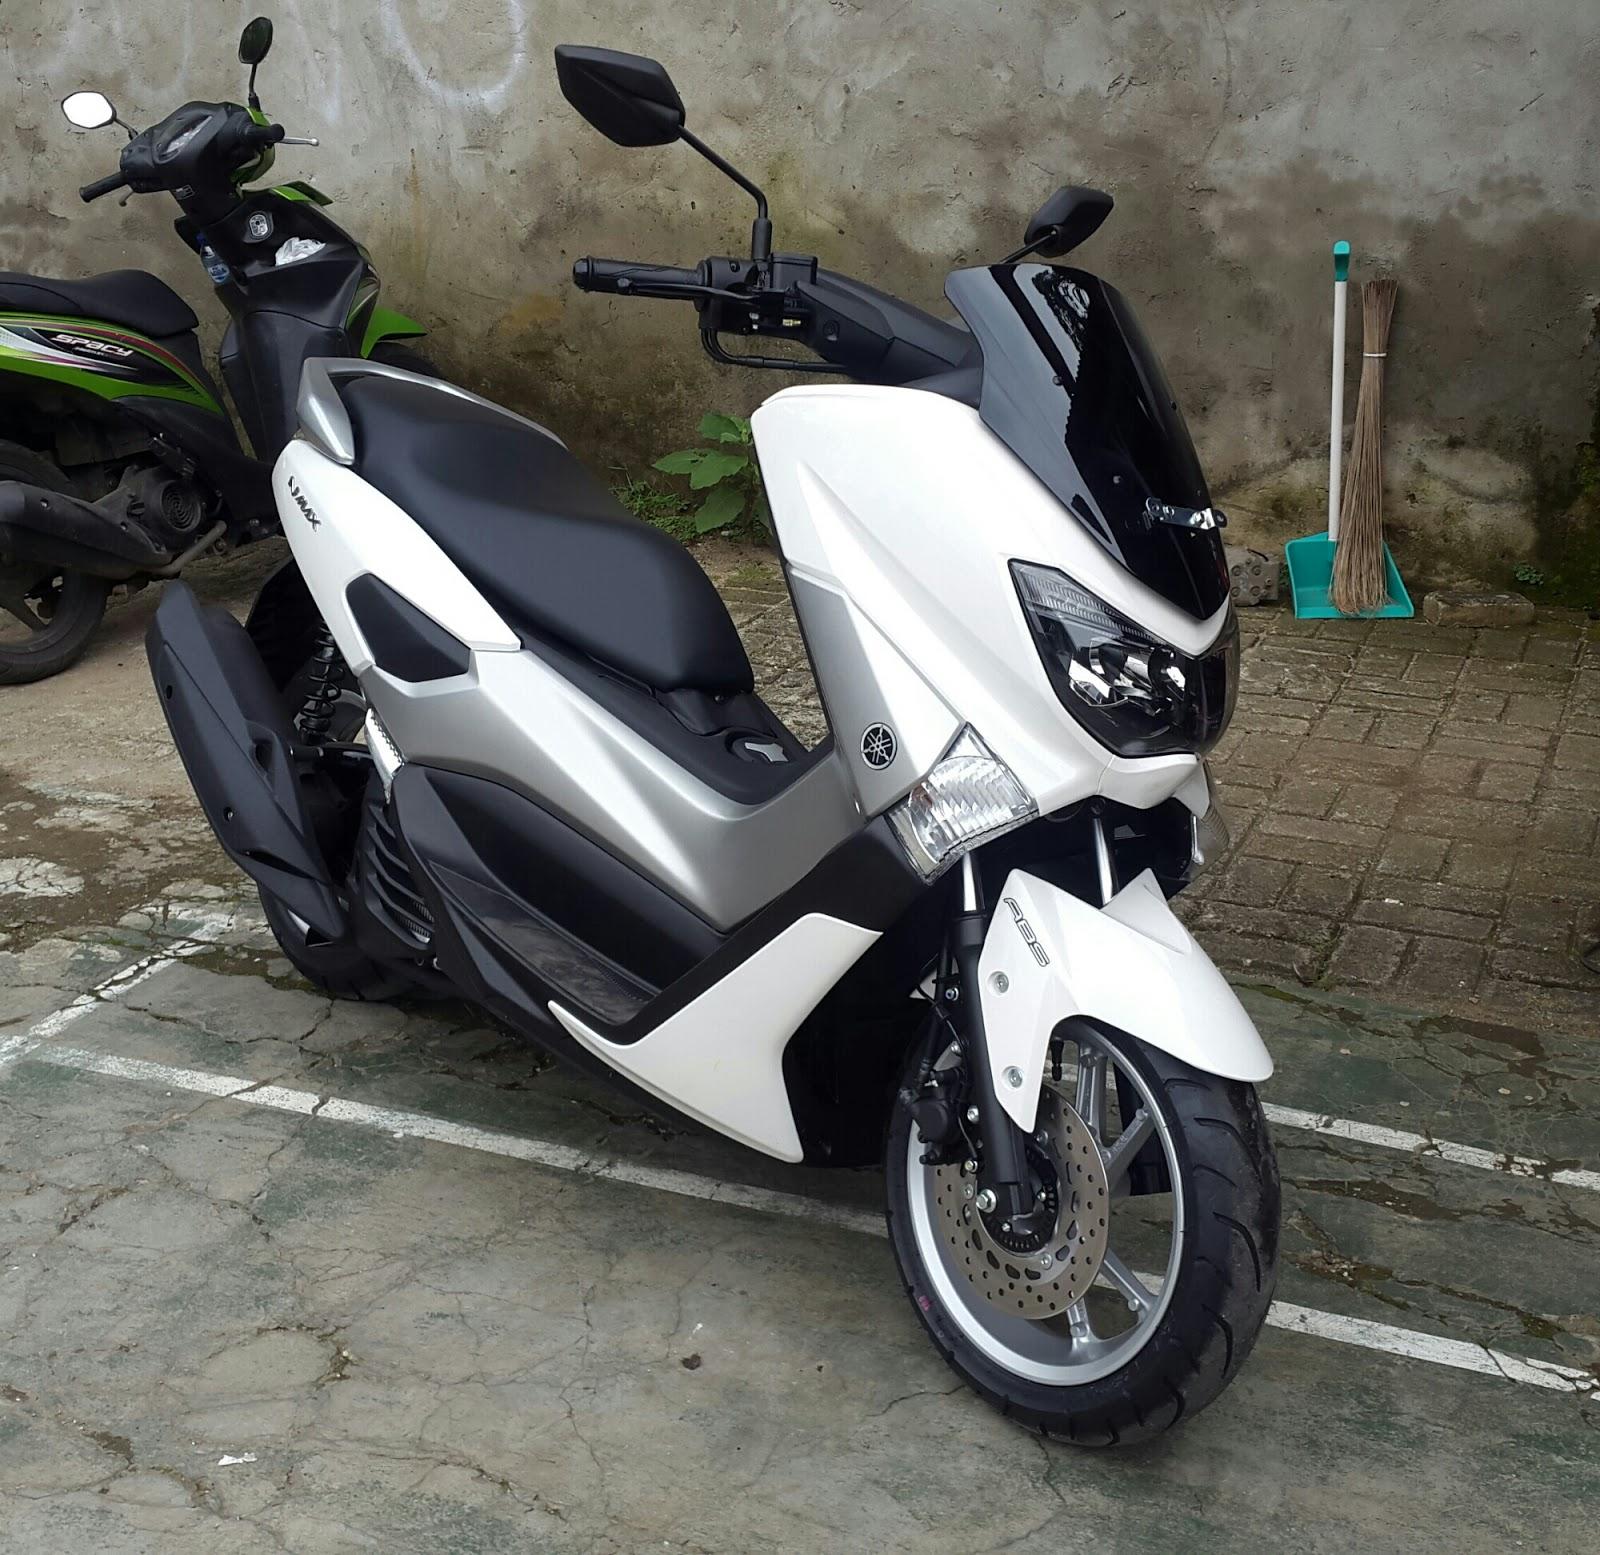 88 Gambar Motor Metik Yamaha N Max Terkeren